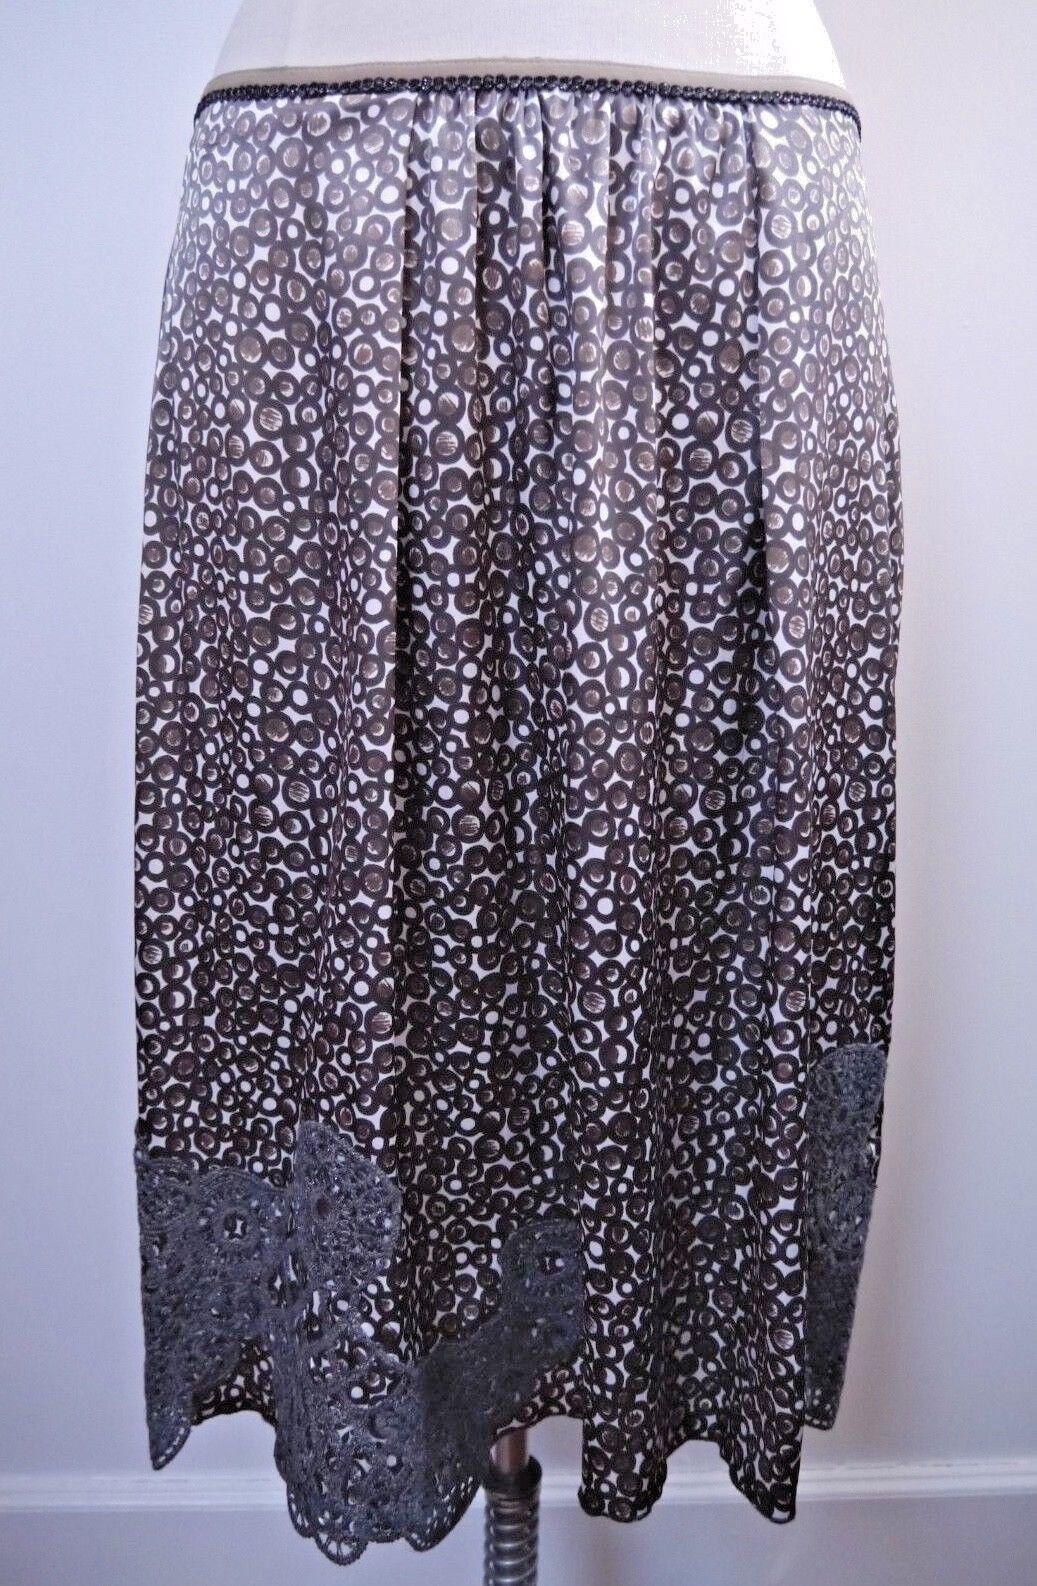 NEW SCHUMACHER print skirt with lace appliqué details Größe L